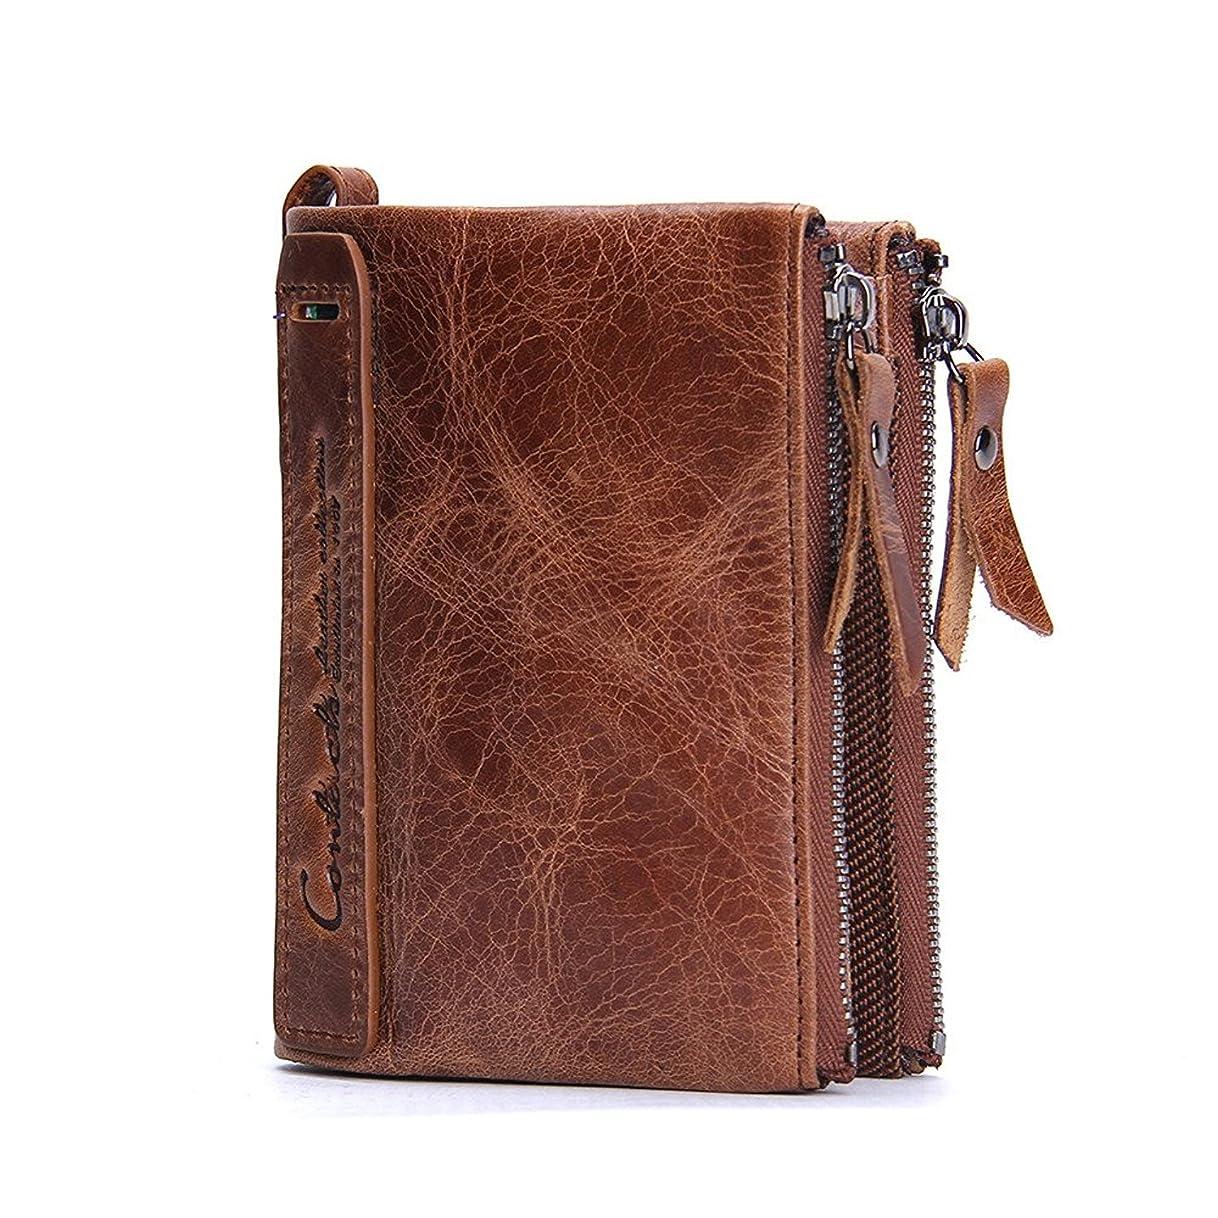 掃除デッドラッドヤードキップリングHIRAM 二つ折り 財布 メンズ 高級感 DIY 無料